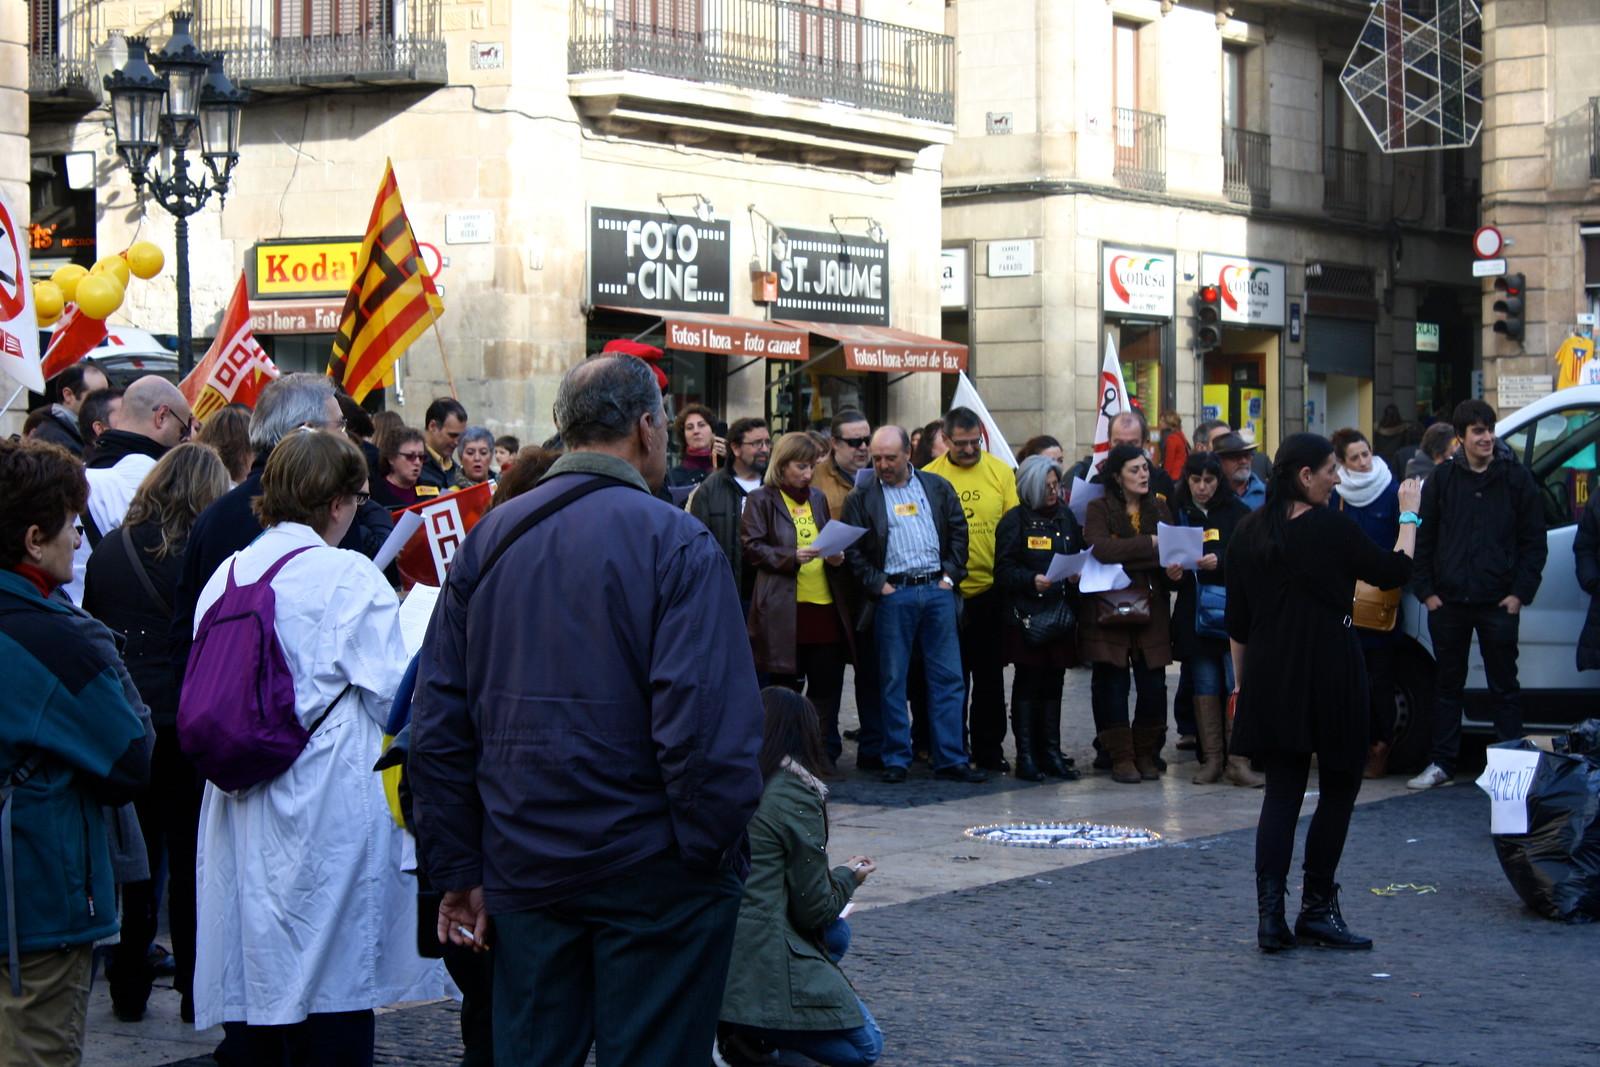 Protest in Plaça Sant Jaume, Barcelona, Spain